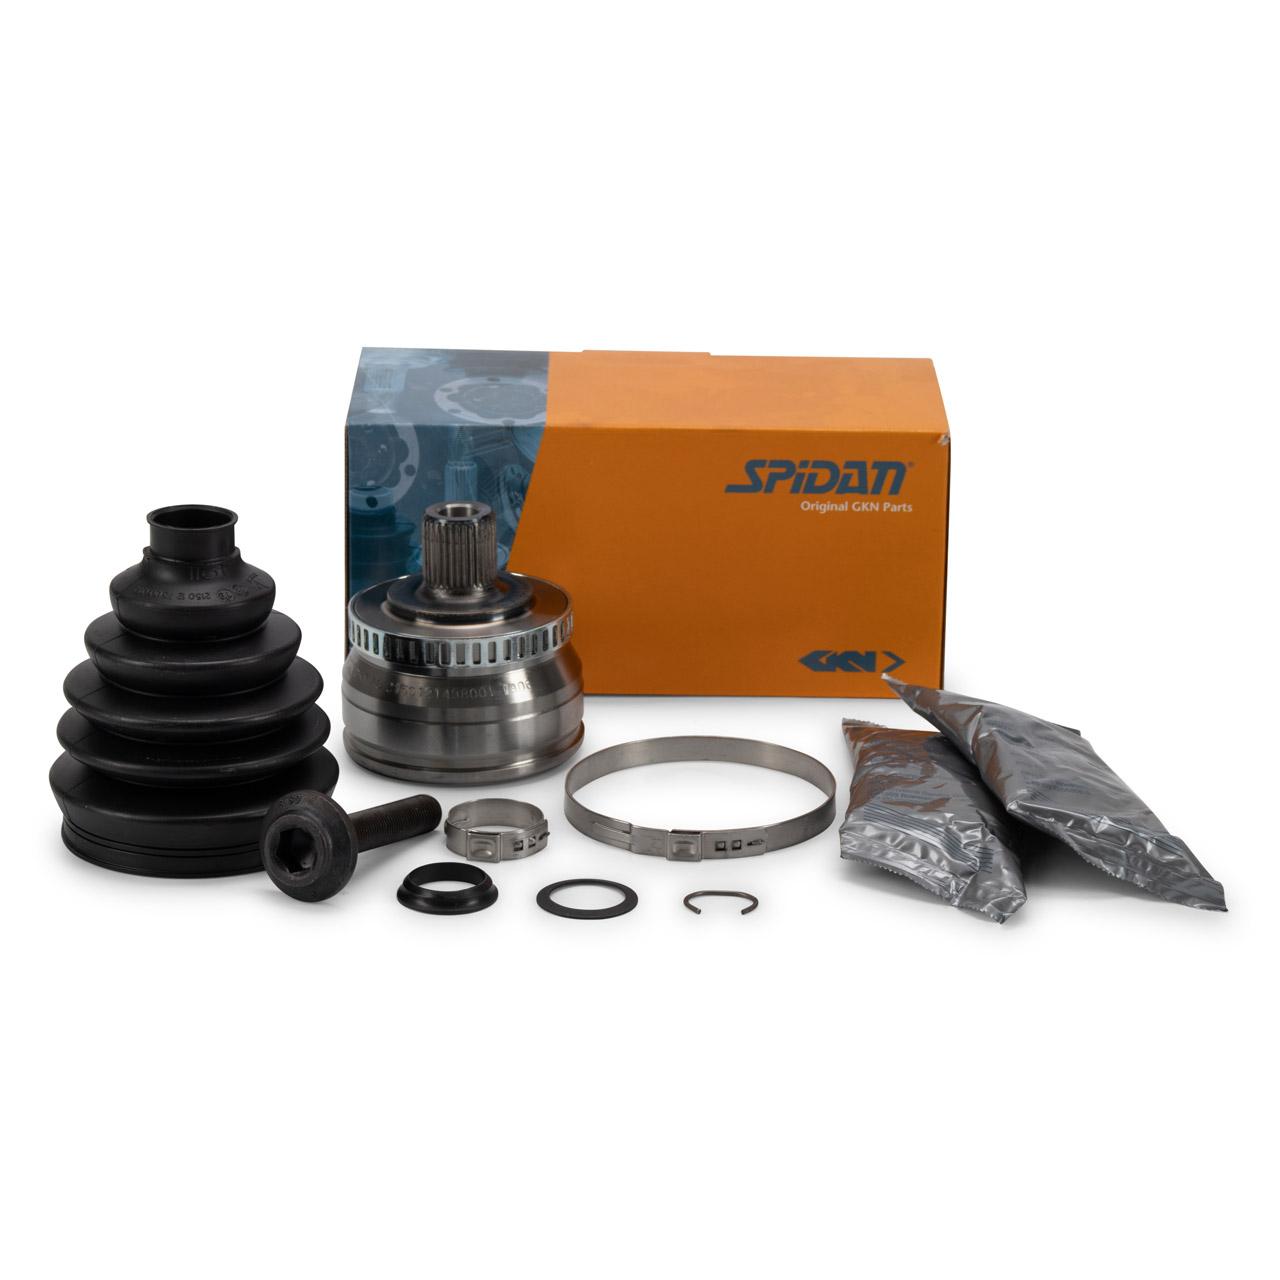 SPIDAN Antriebsgelenk Gelenksatz AUDI A4 B5 VW Passat 3B SKODA vorne radseitig 3B0498099DX